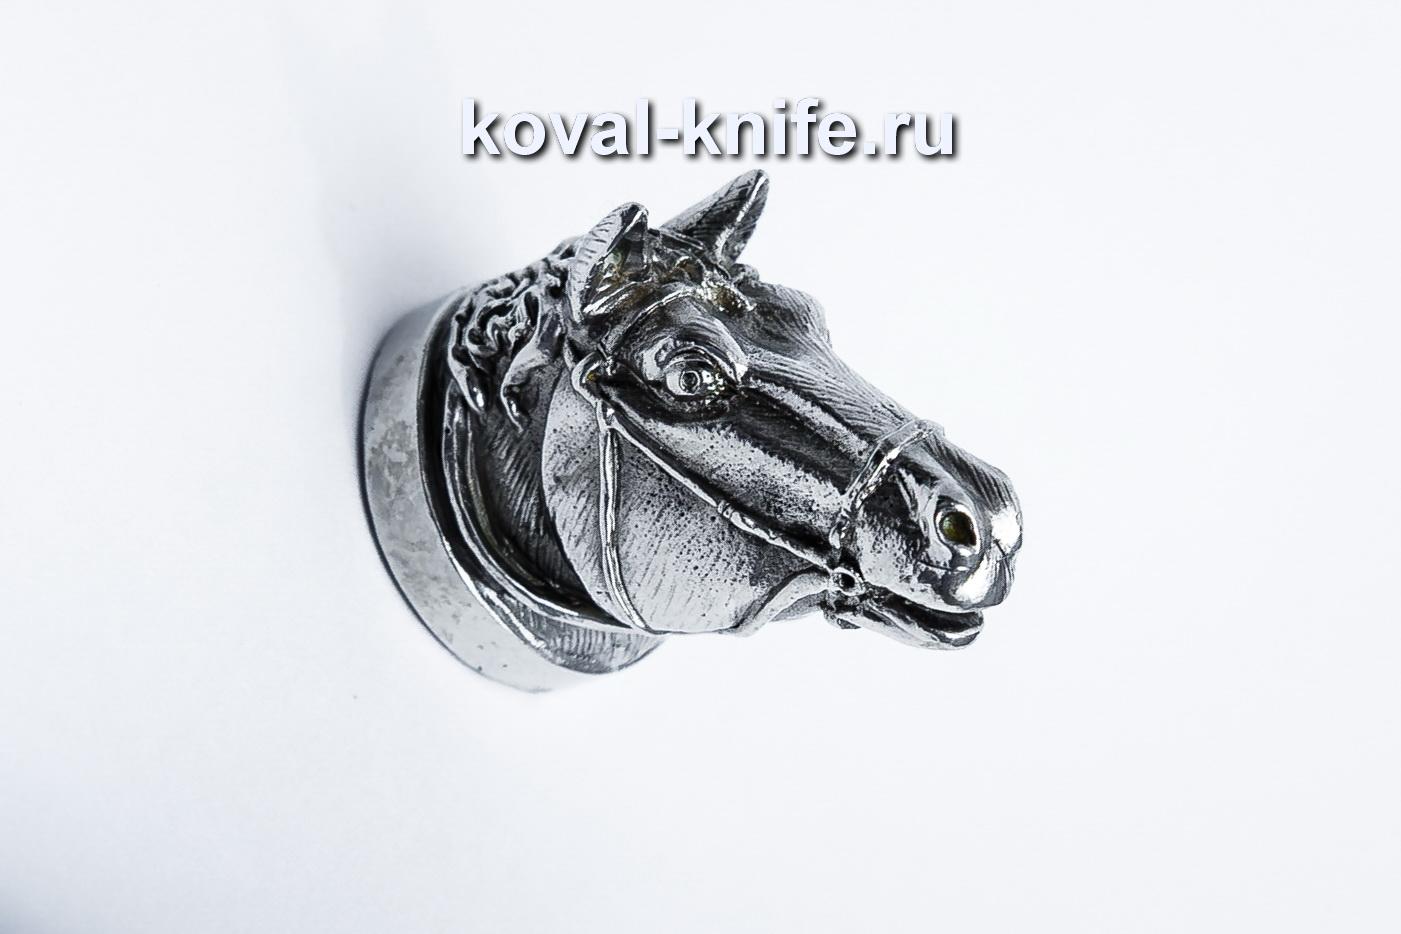 Литье  для шампура 113 Голова – Лошадь, круглое примыкание. Диаметр D 28мм.